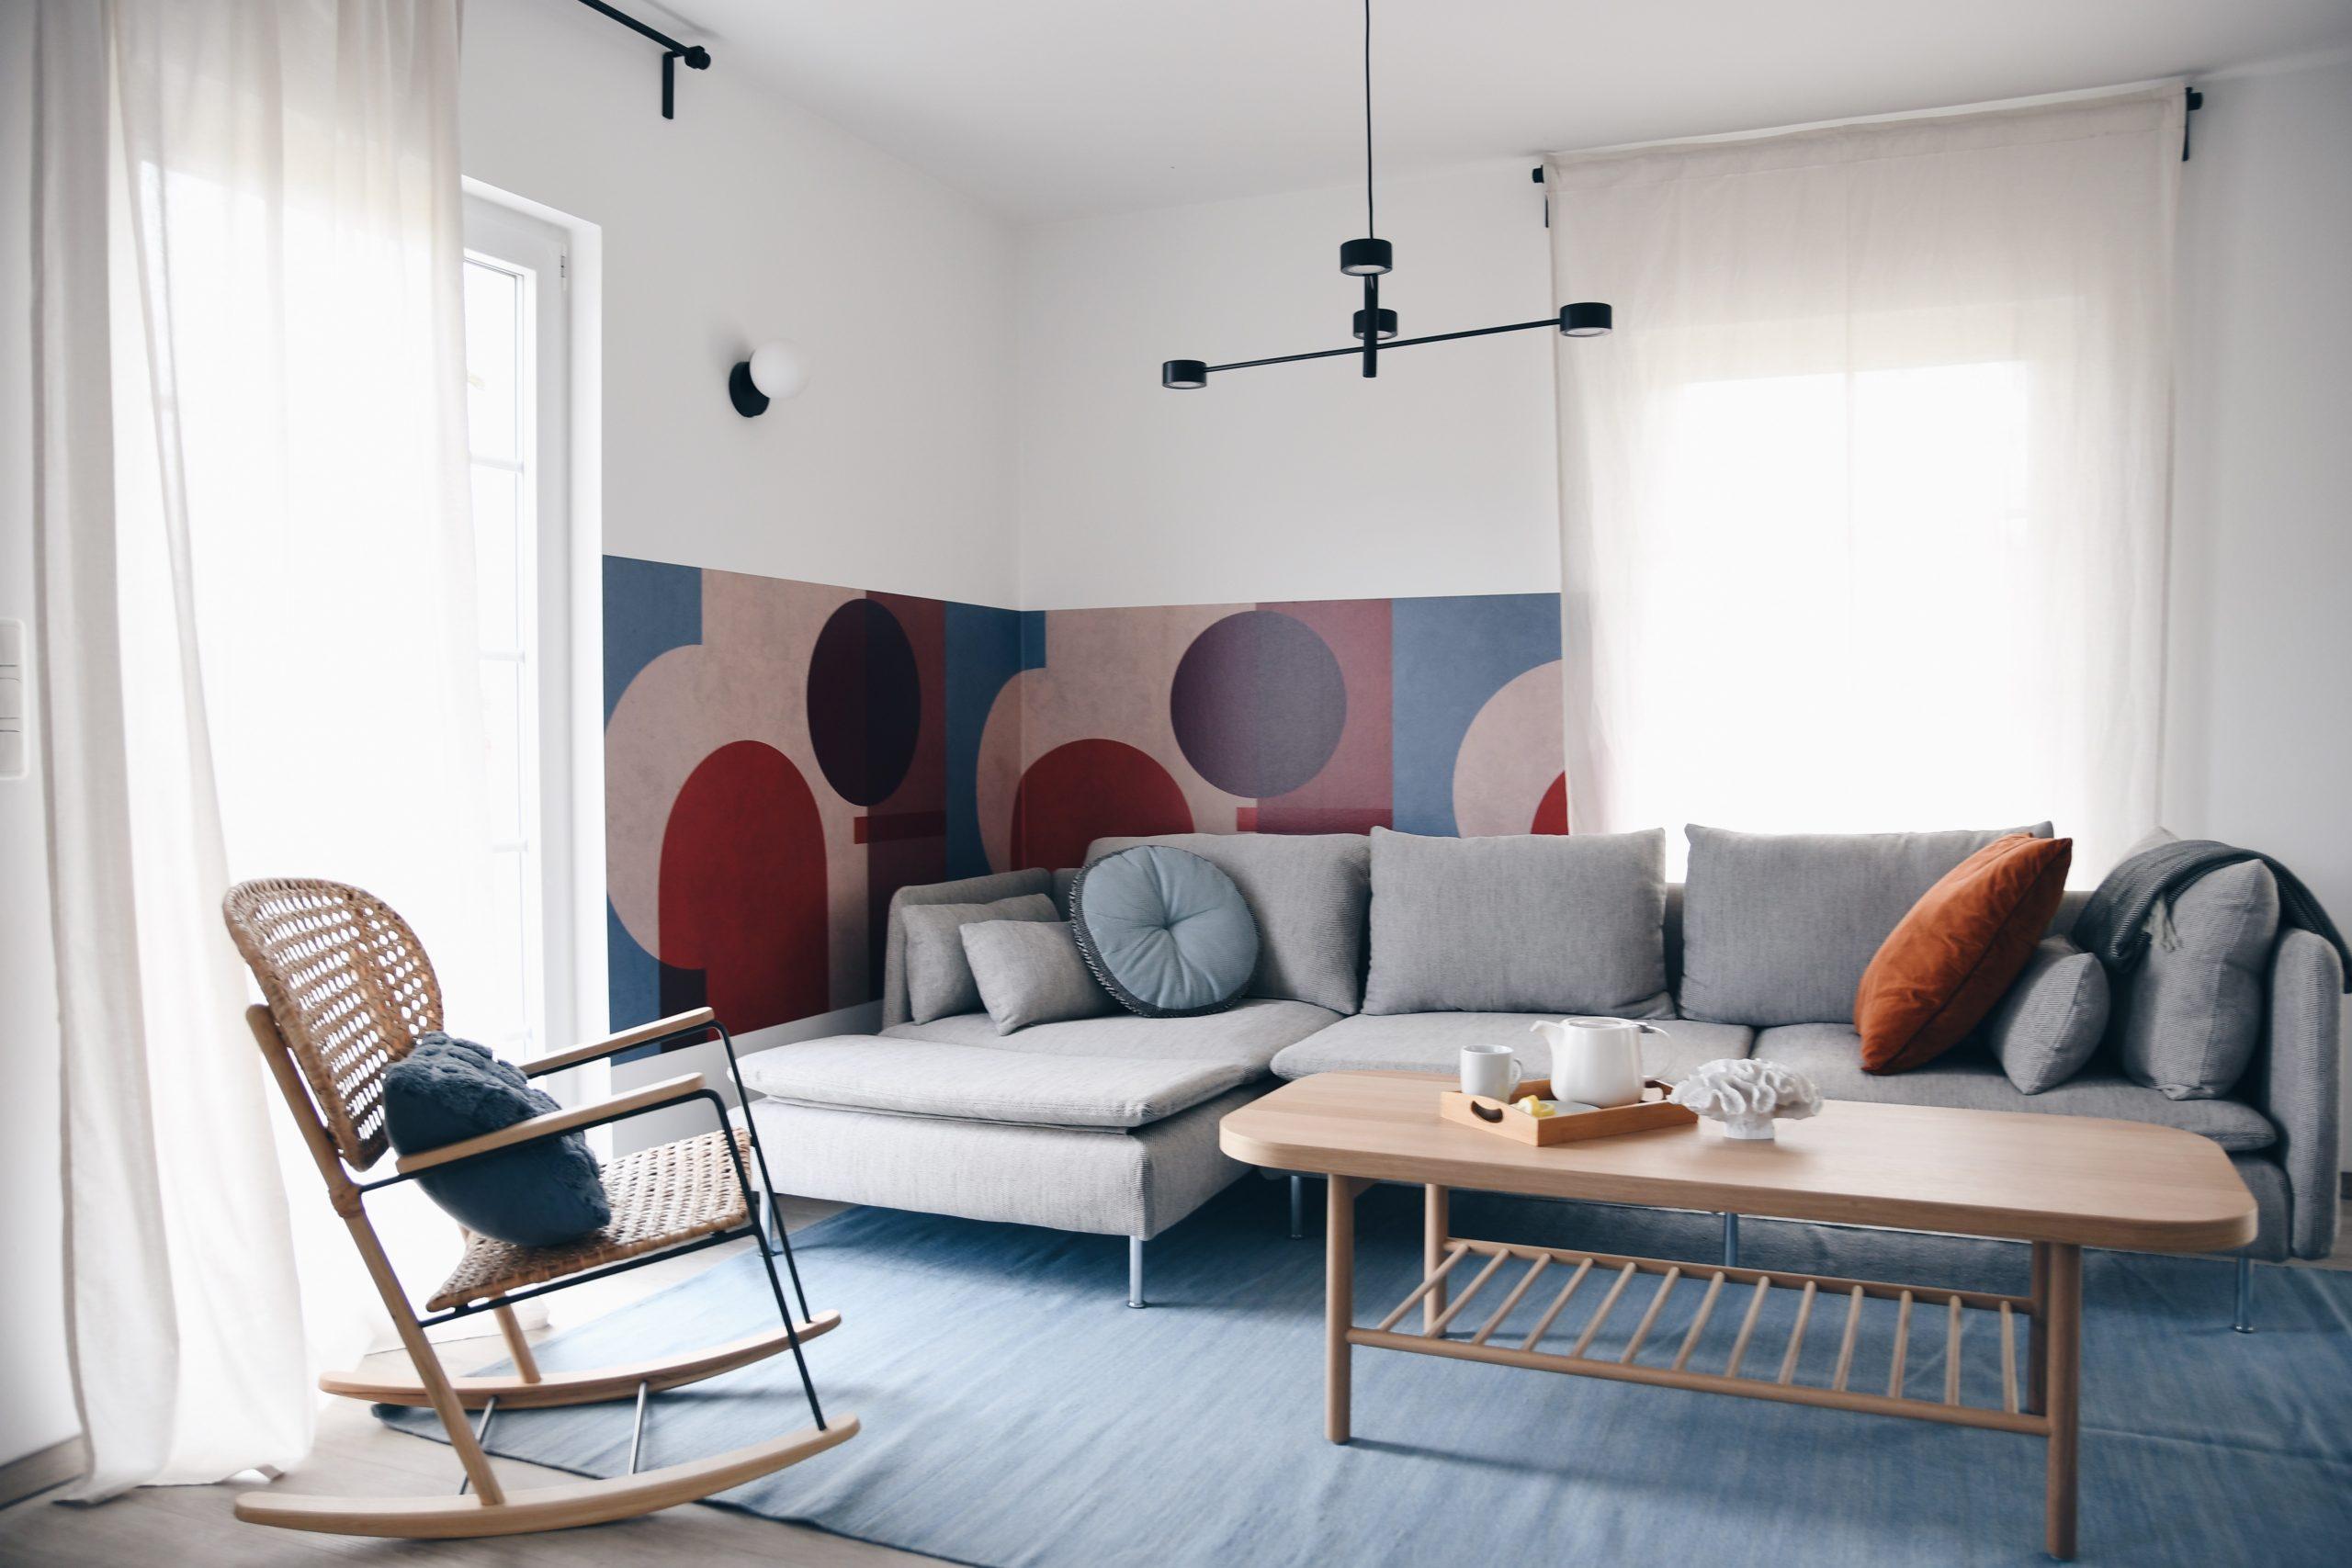 Wohnzimmer-Design mit bunter Tapete und gemütlichem Sofa und Schaukelstuhl